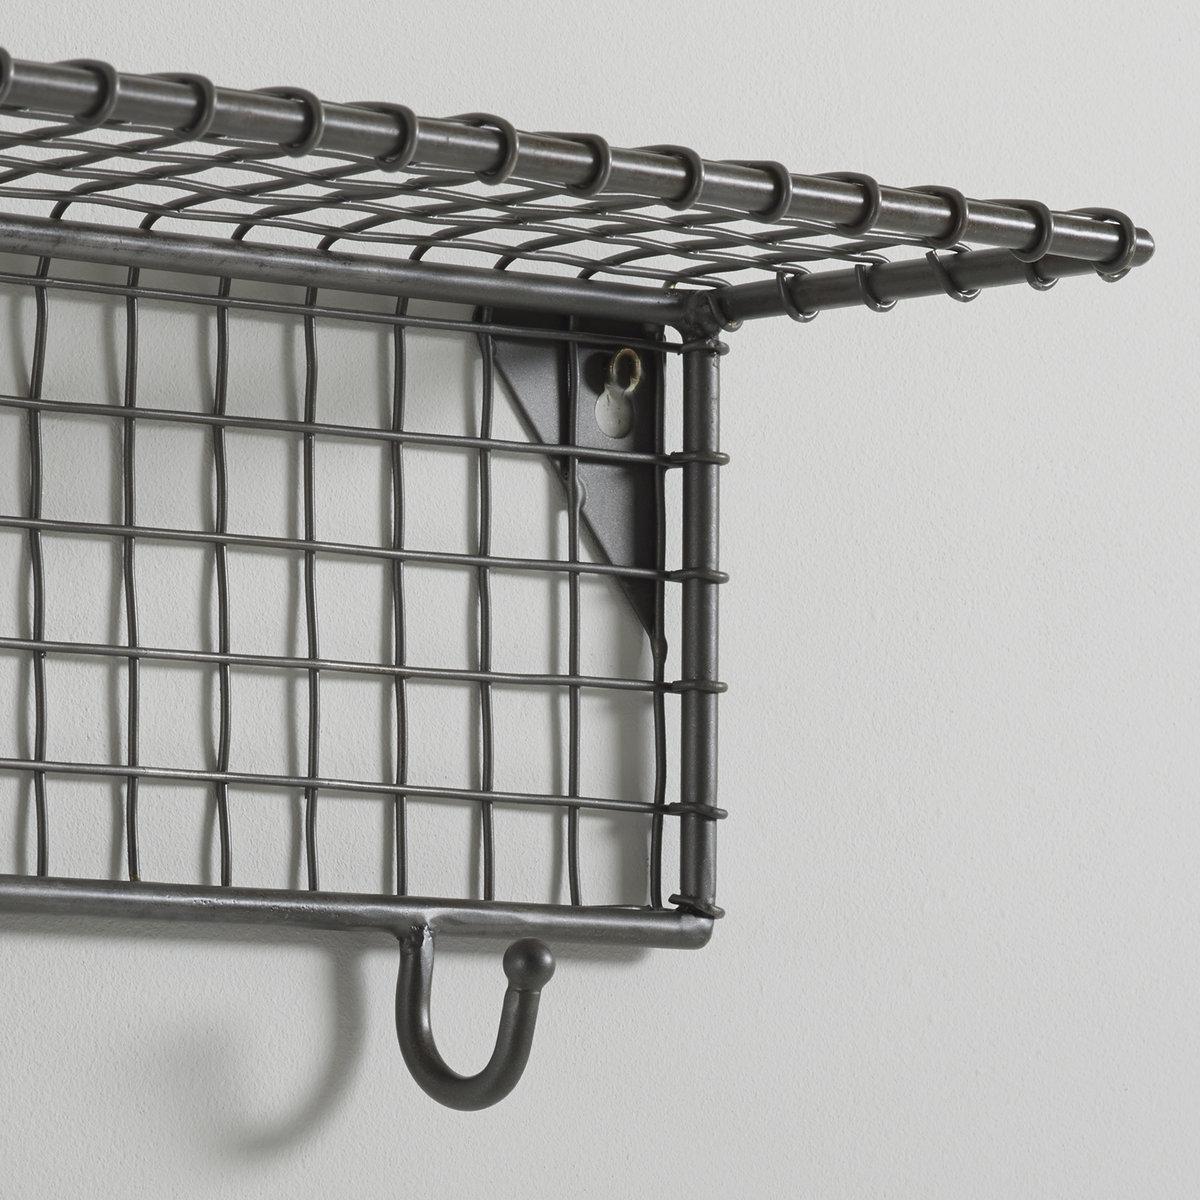 Полка металлическая  Ar?gloПолка из проволоки Ar?glo, красивая и практичная, на  6 крючках, займет свое место в прихожей, спальне или ванной.. Описание :1 полка из металлической проволоки.6 металлических крючка.Характеристики:из ячеистого металла.Найдите коллекцию для хранения вещей на нашем сайте laredoute.ru.Размеры:83 x 16,5 x 13 см.Размеры и вес коробки :1 упаковка89 x 19 x 22,5 см, 2,8 кг<br><br>Цвет: металл